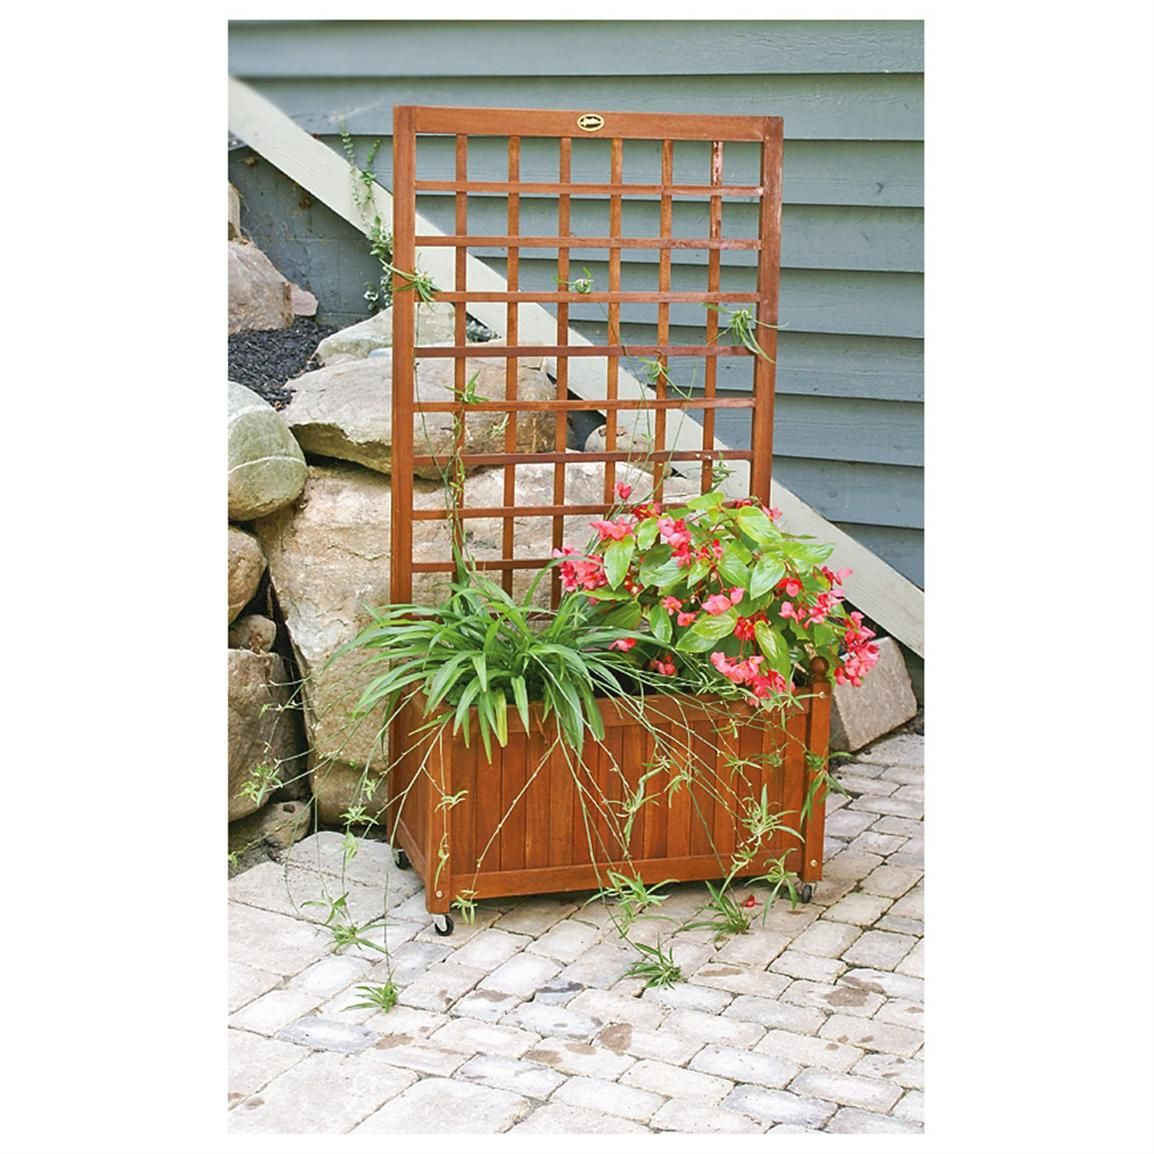 Wooden Flower Box / Garden Trellis Gardens, Climbing